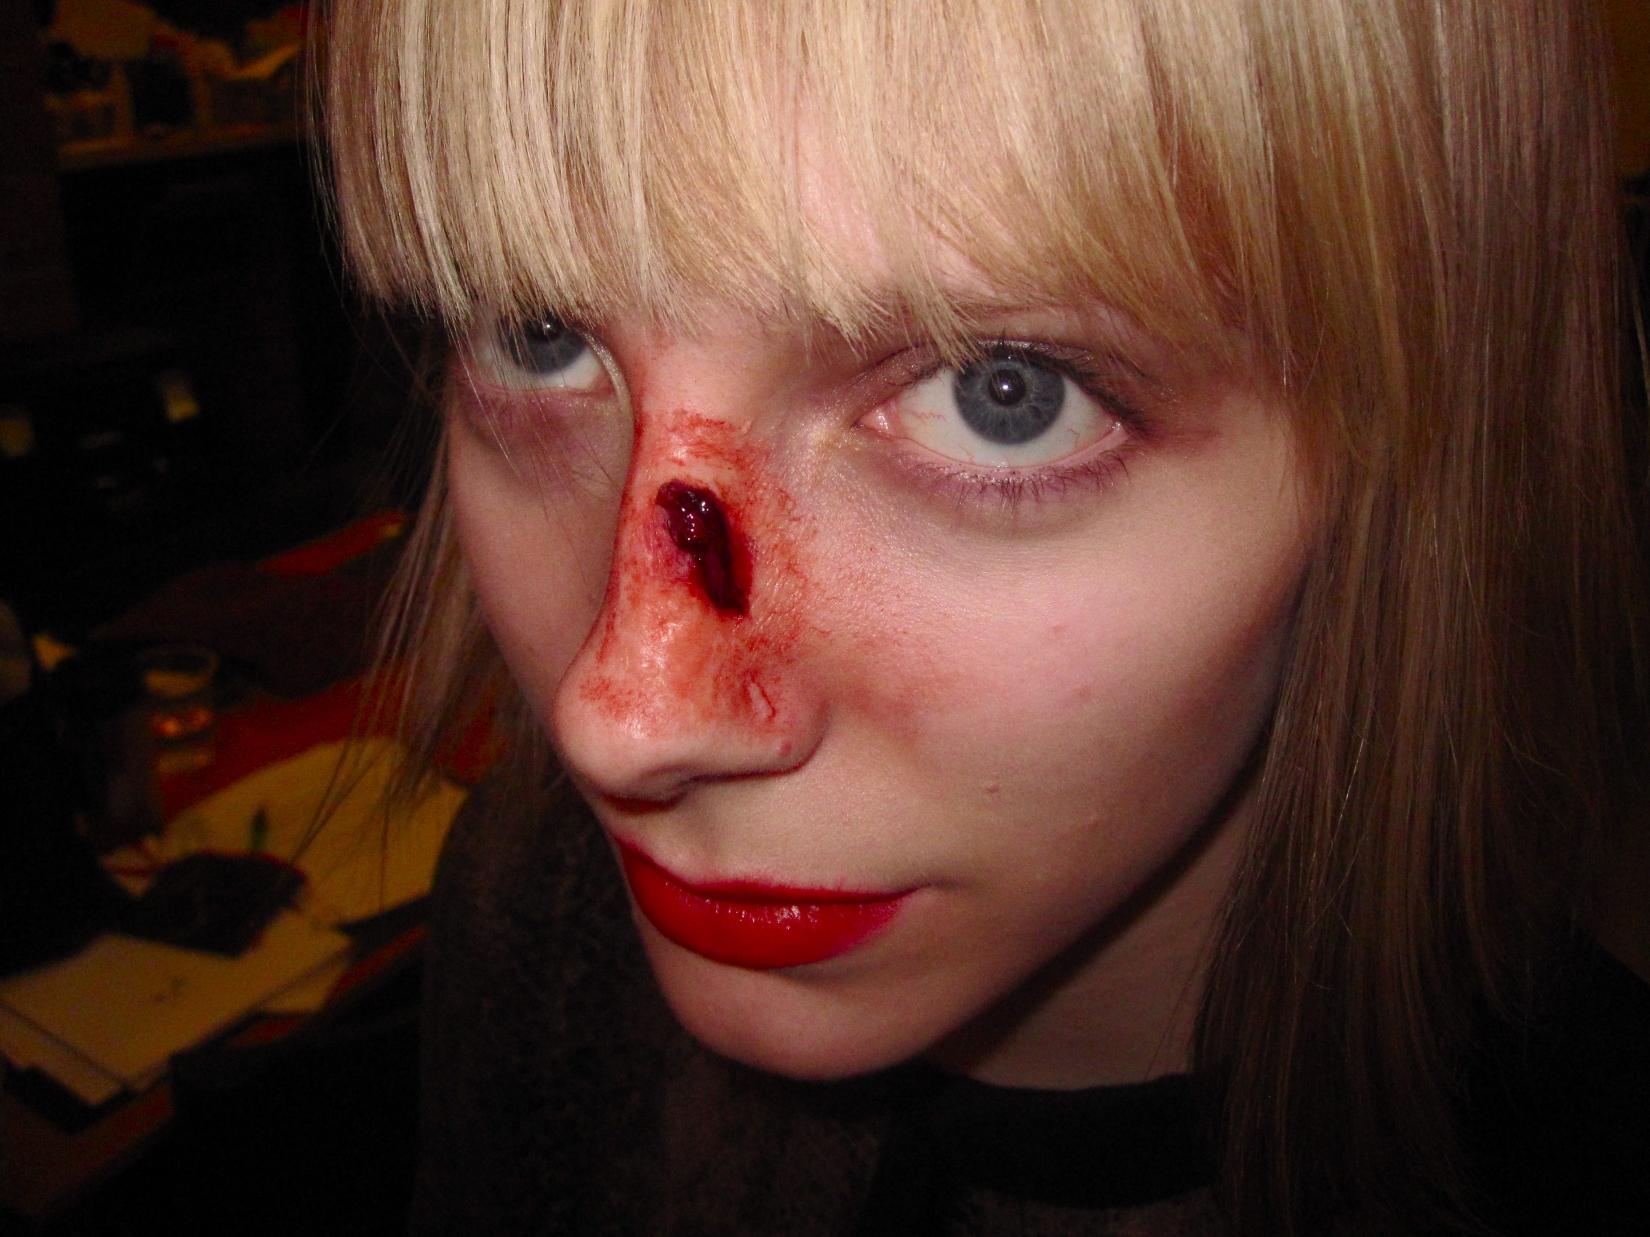 Make Up by ASM - Broken nose